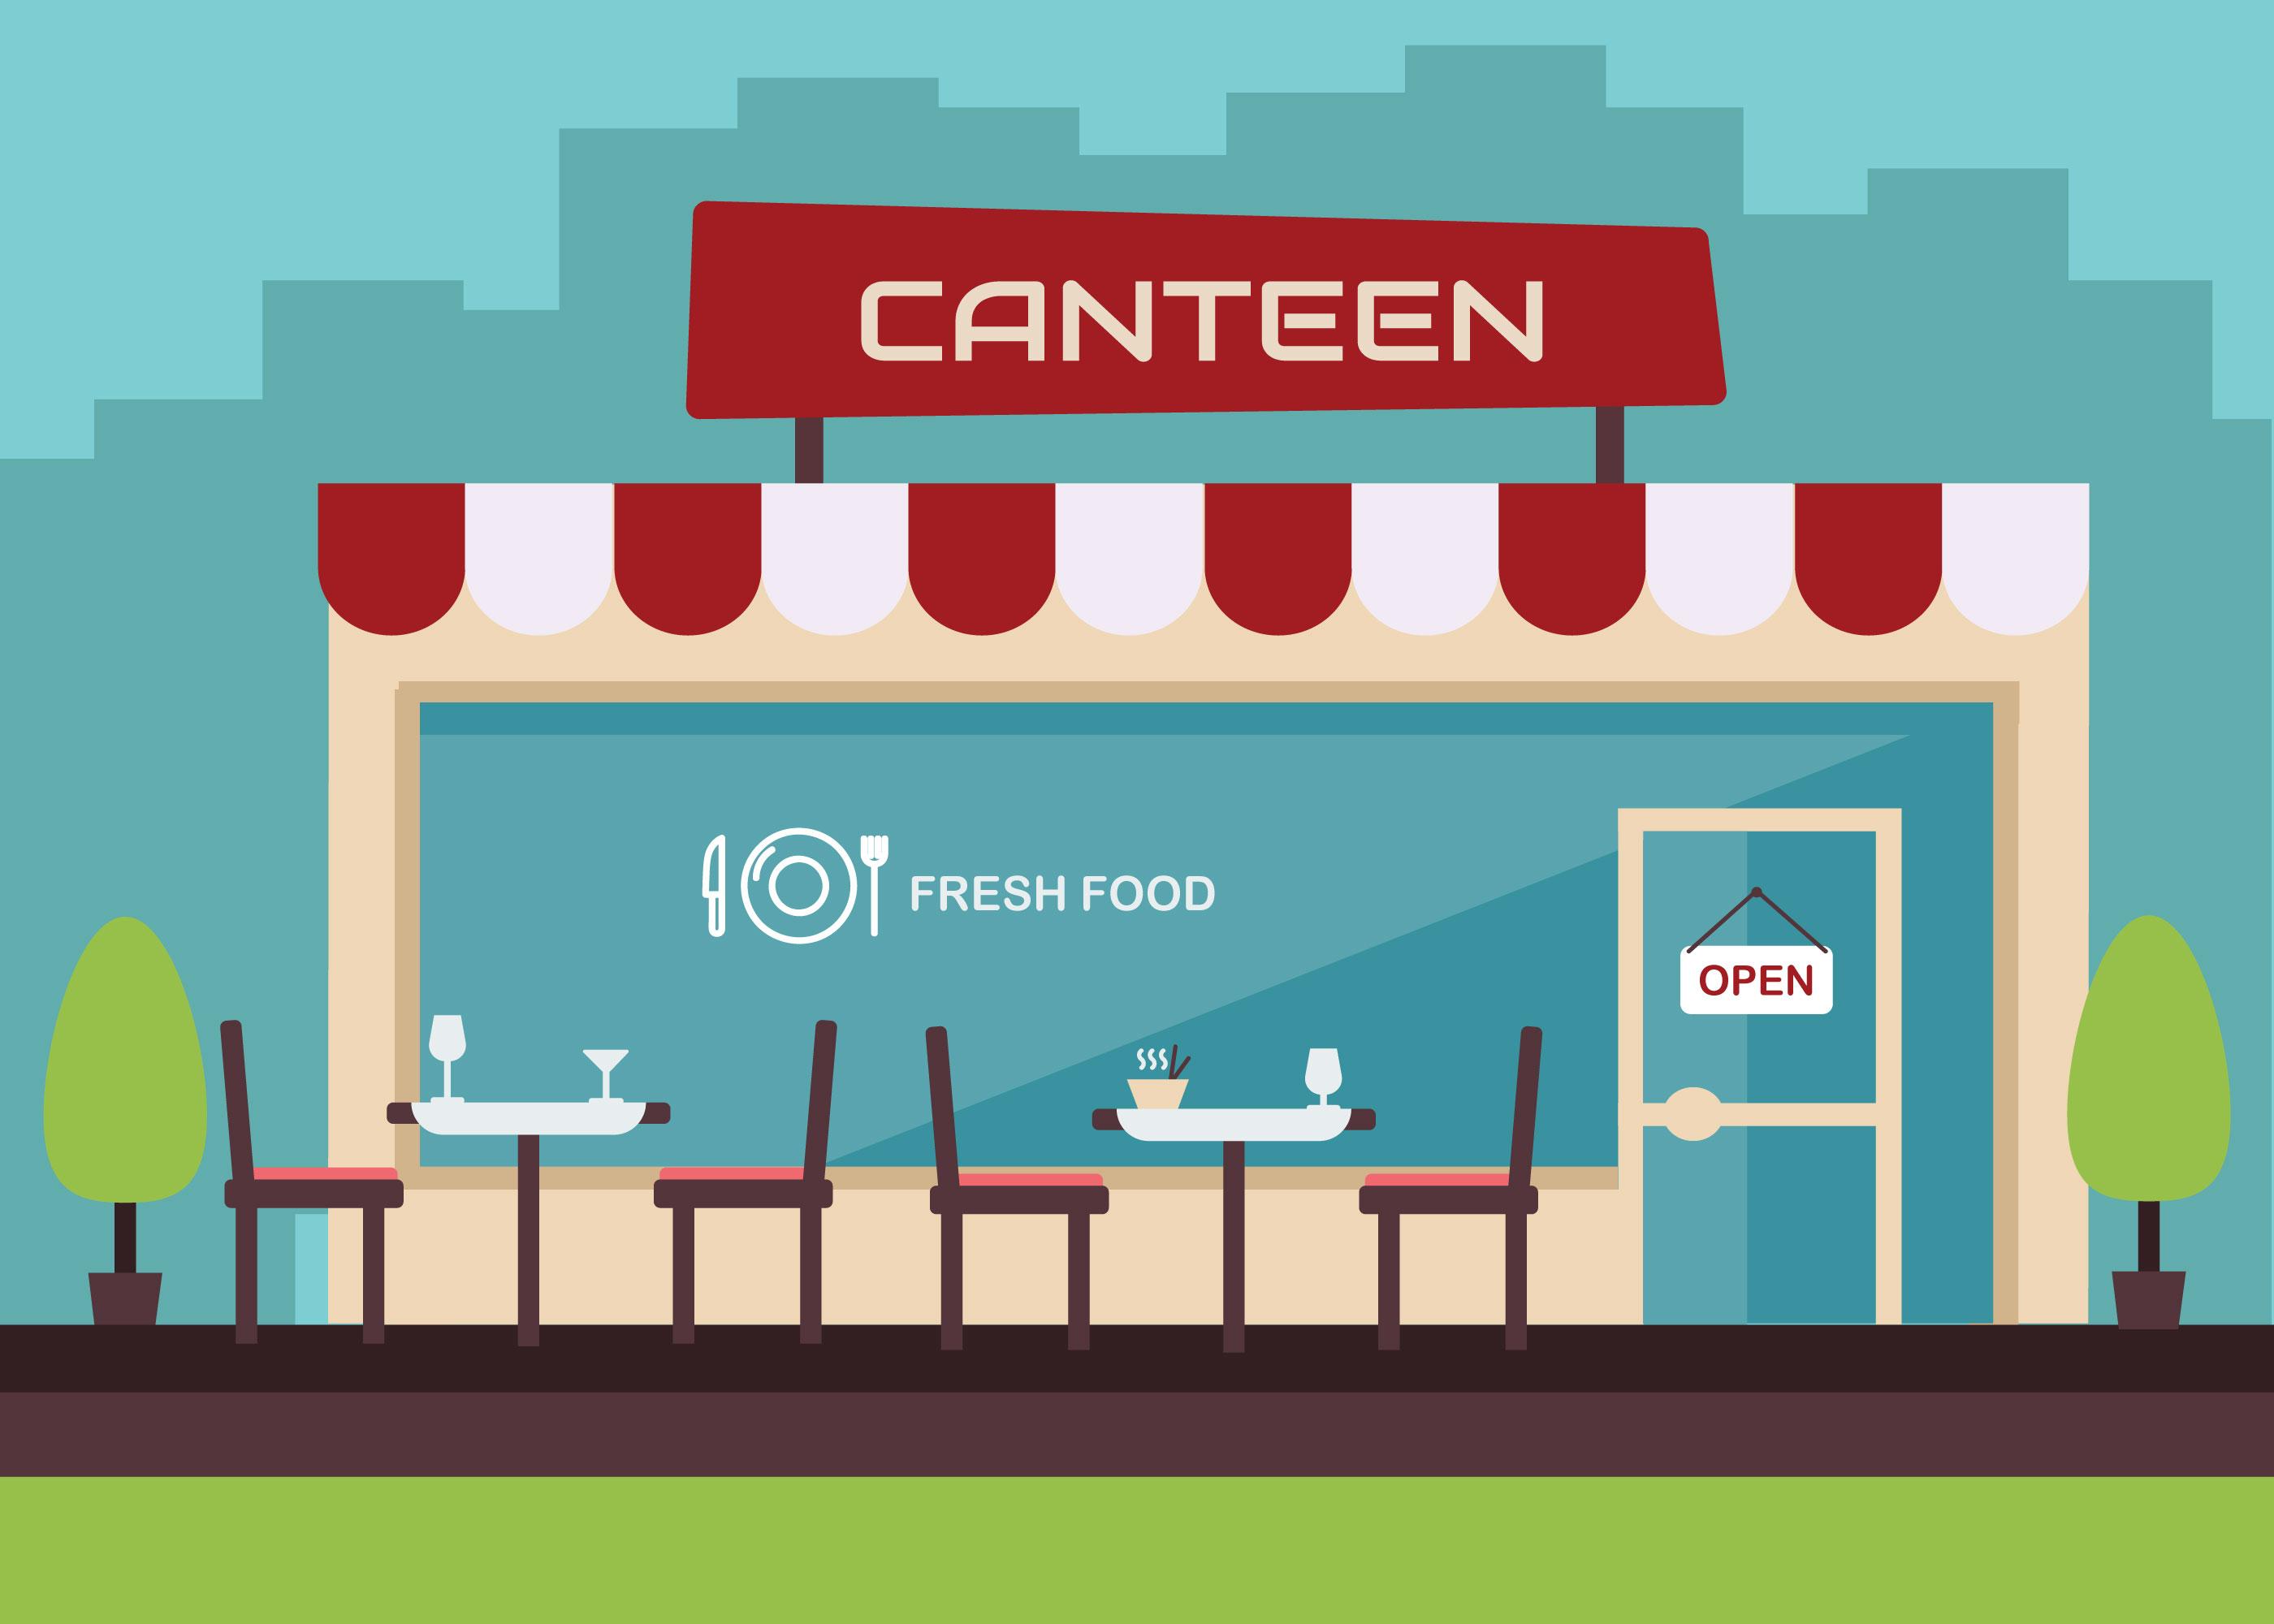 Free Canteen Vector Download Free Vectors Clipart